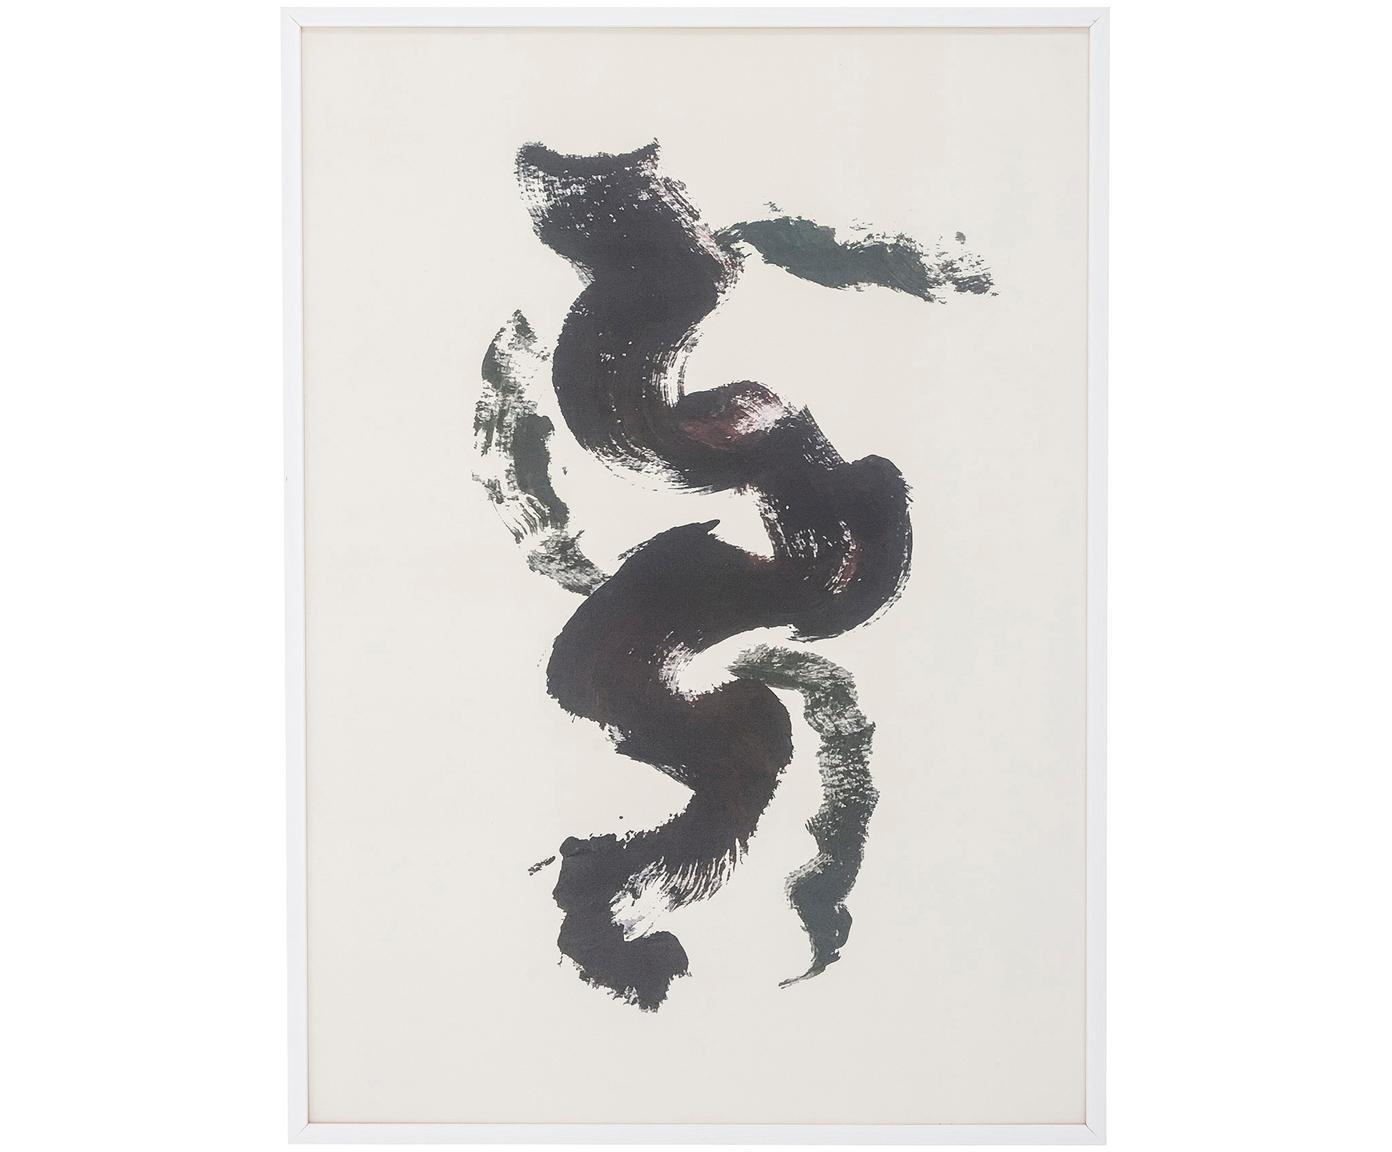 Ingelijste digitale print Fredrik, Lijst: hout, Zwart, wit, 52 x 72 cm